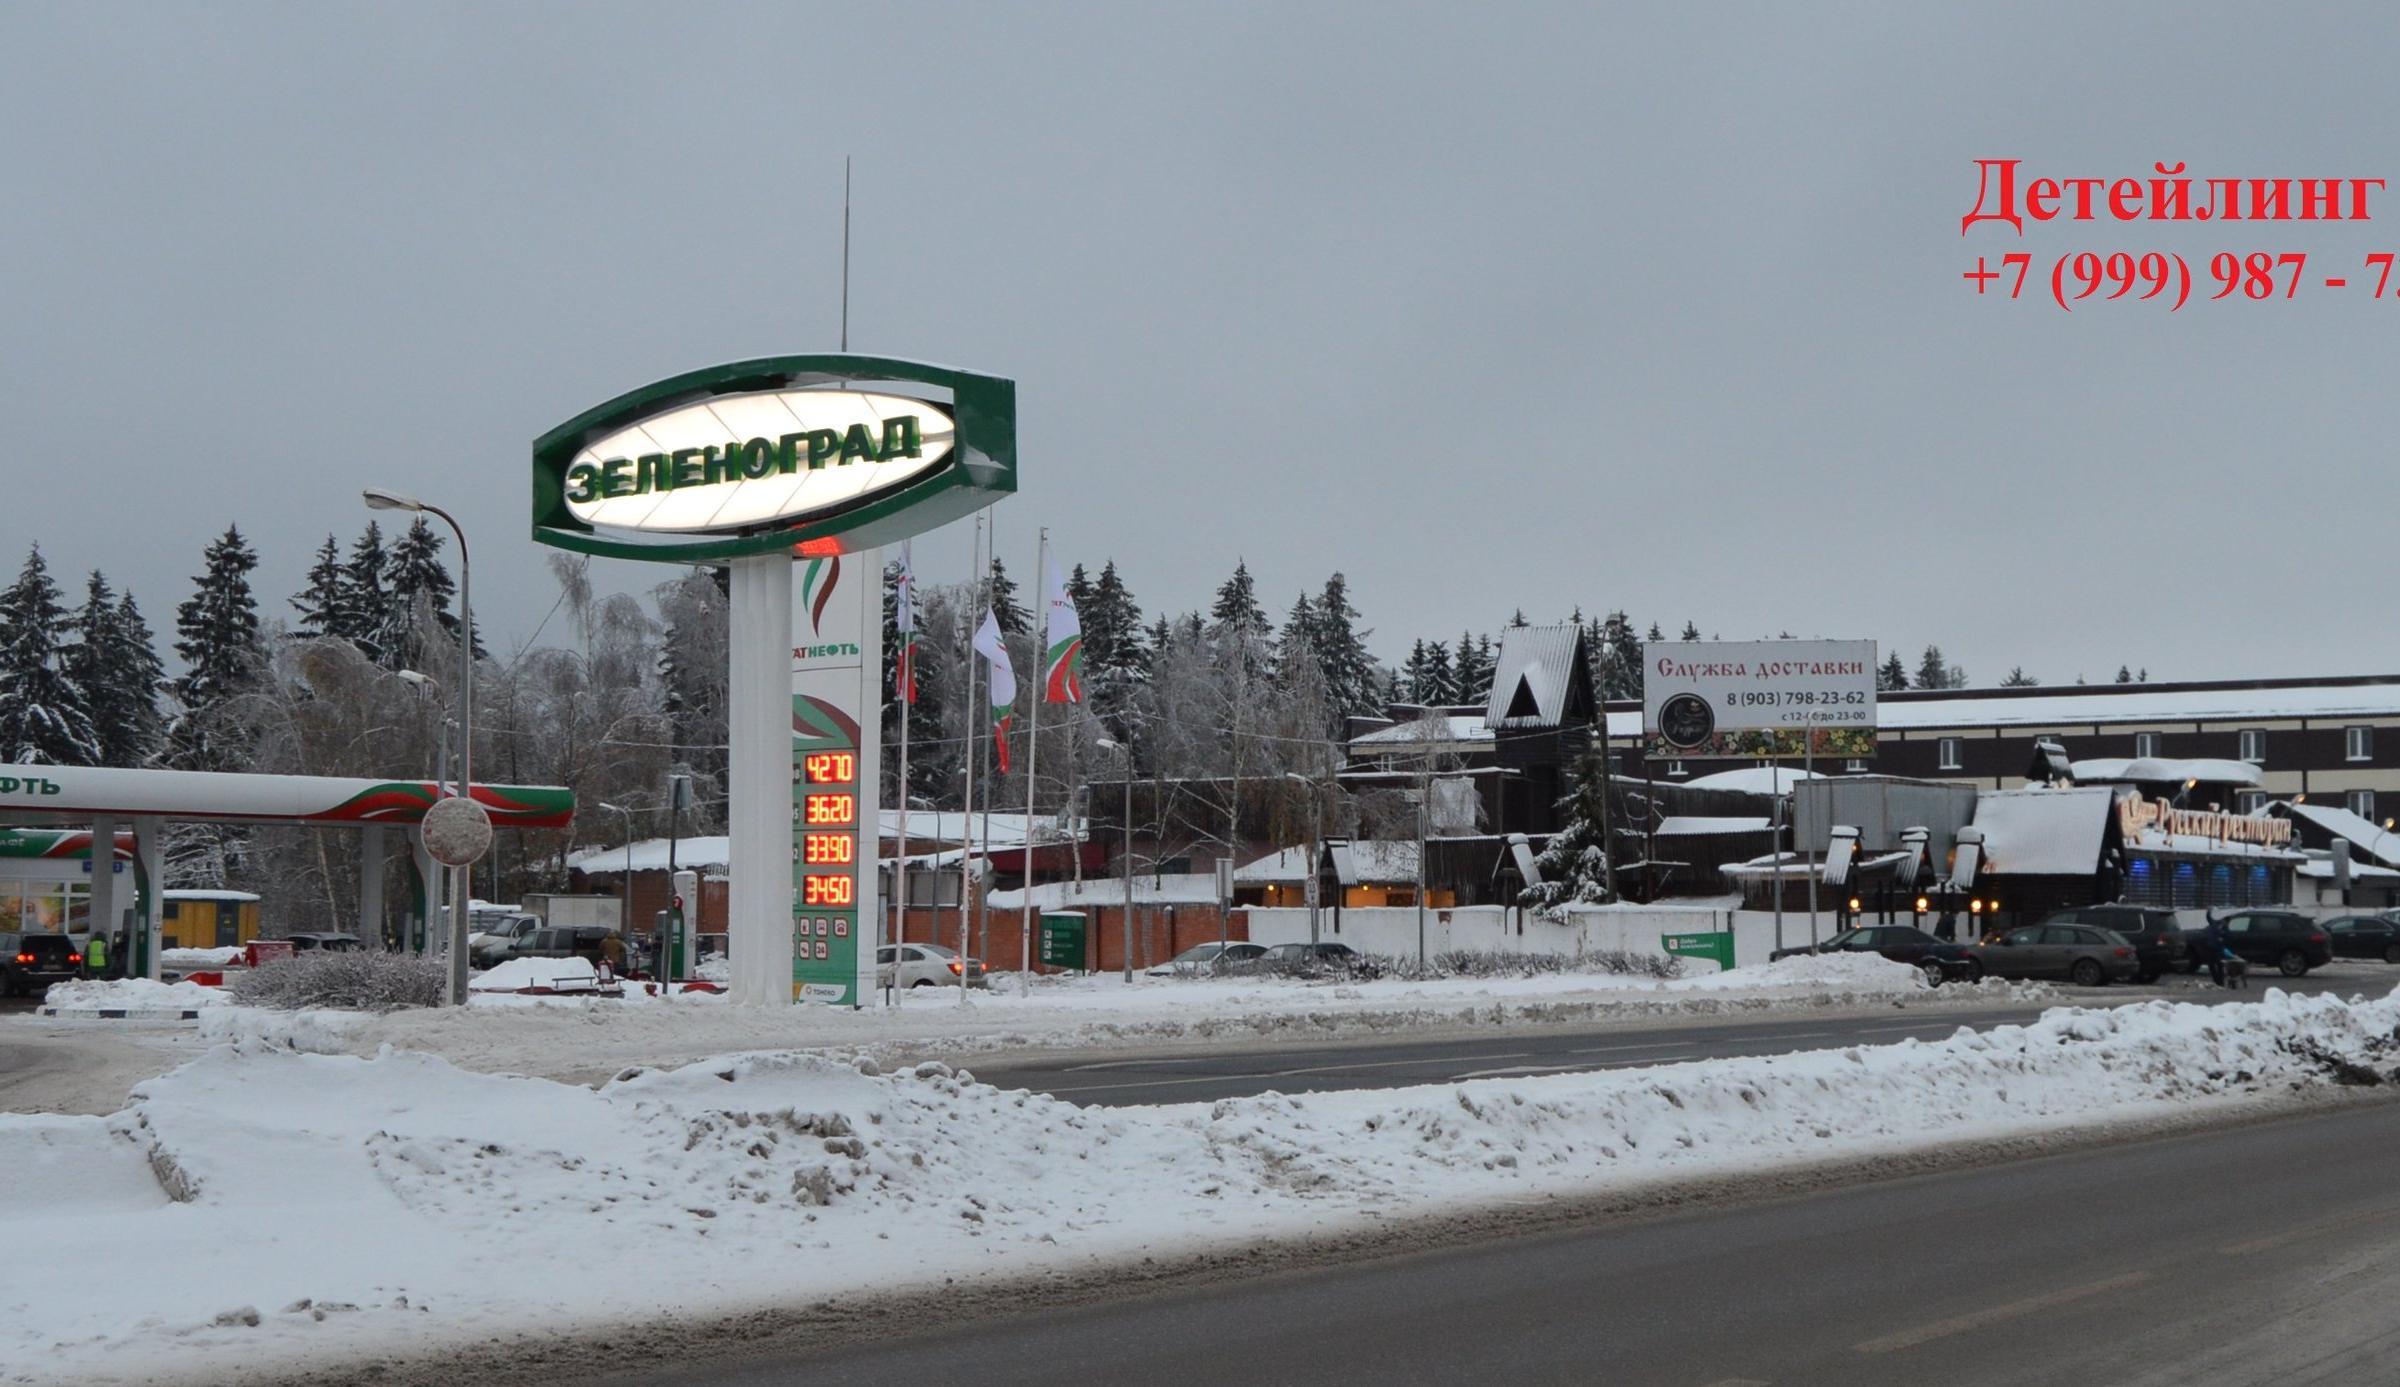 фотография Детейлинг центр 5 Звезд на Георгиевском шоссе, 40Г в Зеленограде